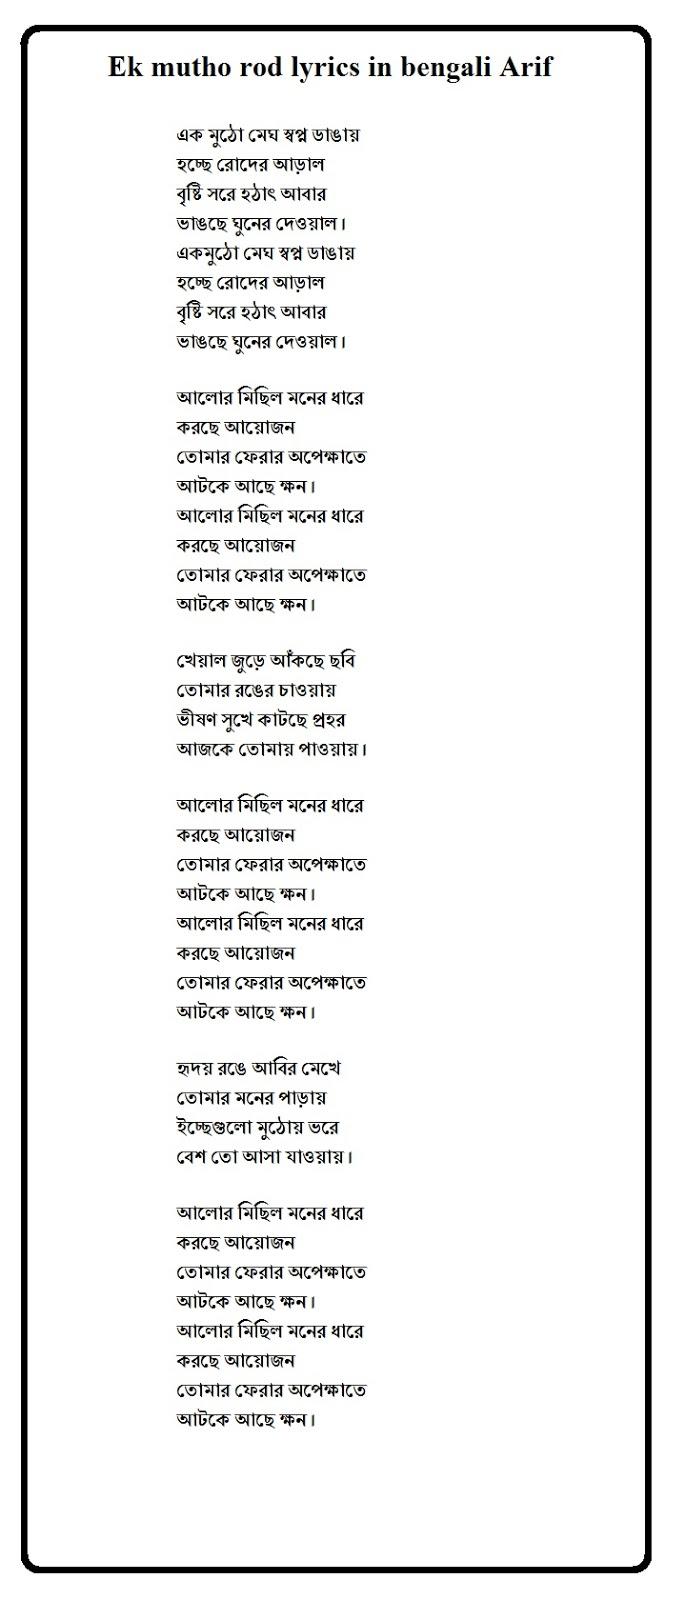 Ek mutho rod lyrics in bengali Arif